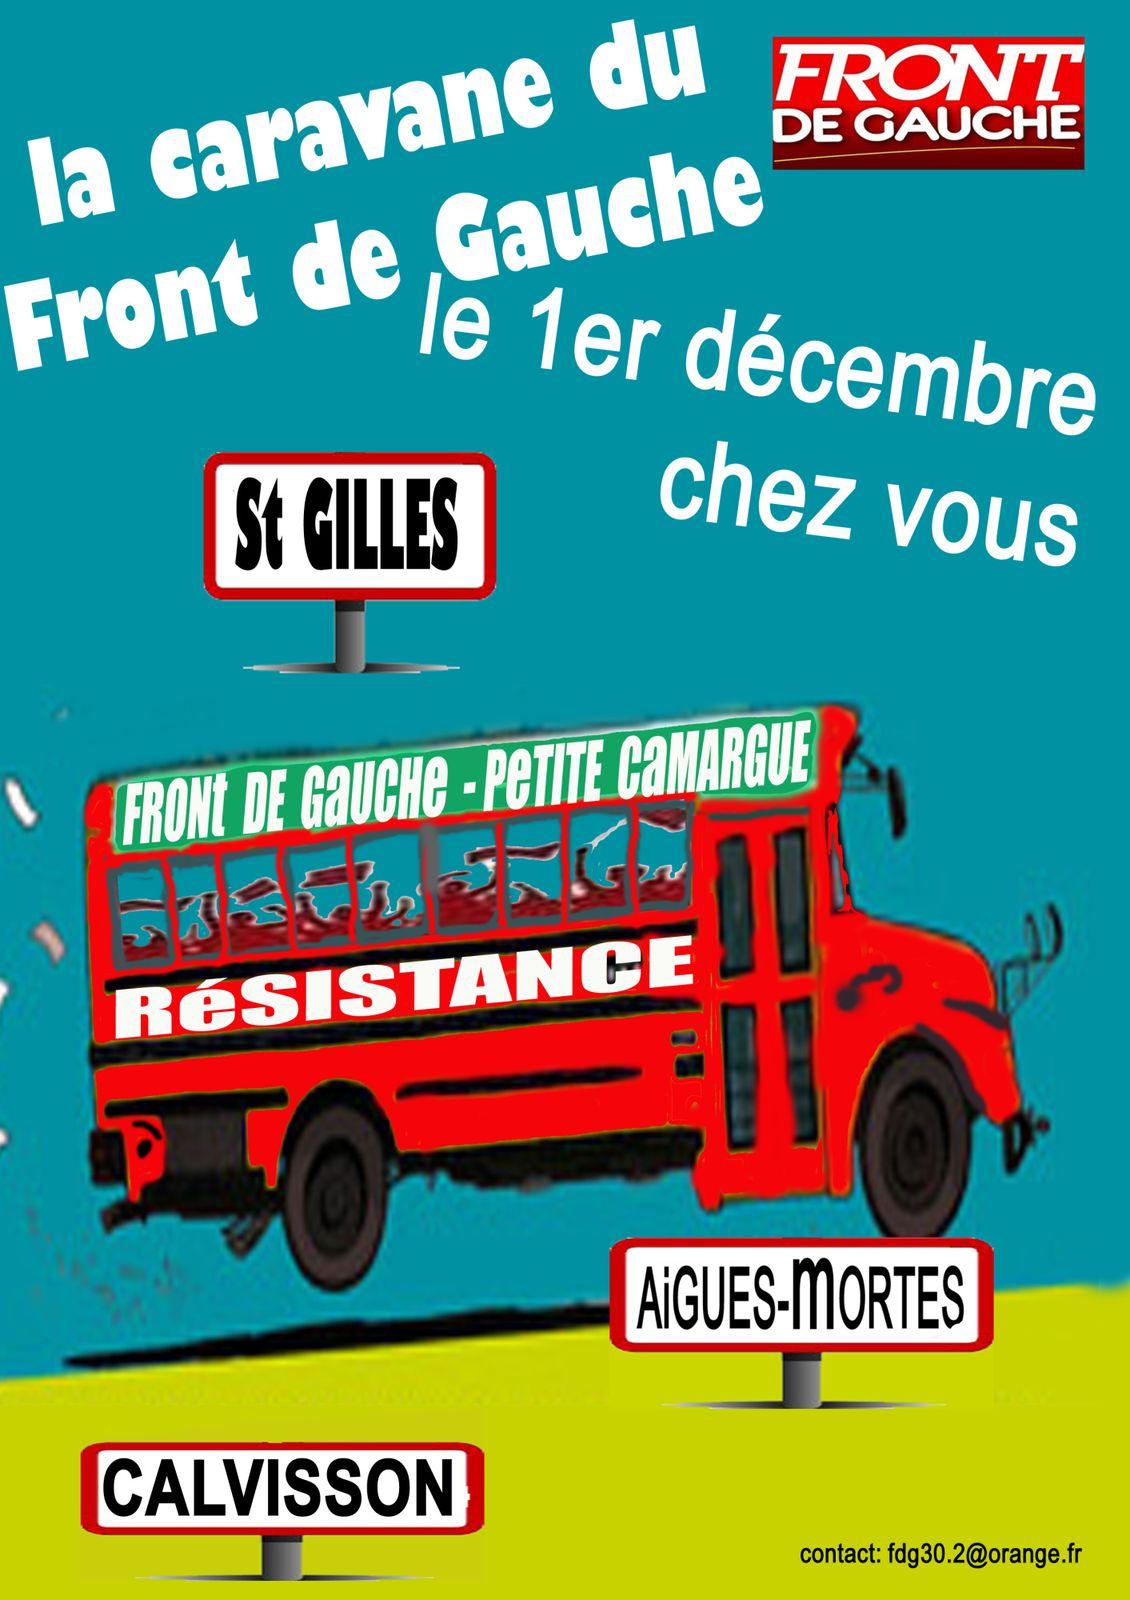 Semaine d'actions pour la justice fiscale et contre l'austérité dans le Gard